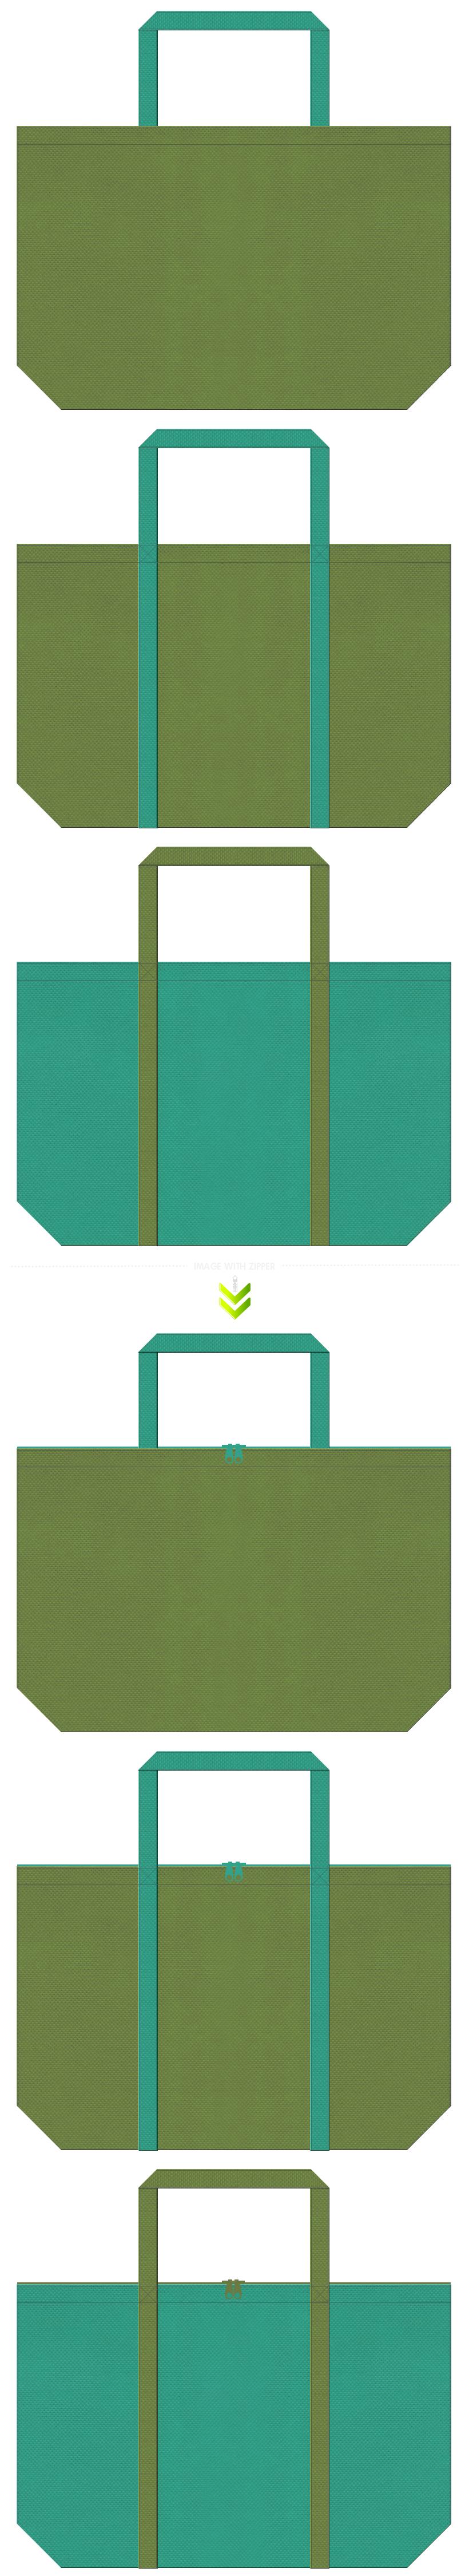 釣具・渓流・昆布茶・青汁・緑藻類・健康食品・日本茶・植木・造園・エクステリア・ガーデニング・園芸・和風エコバッグにお奨めの不織布バッグデザイン:草色と青緑色のコーデ